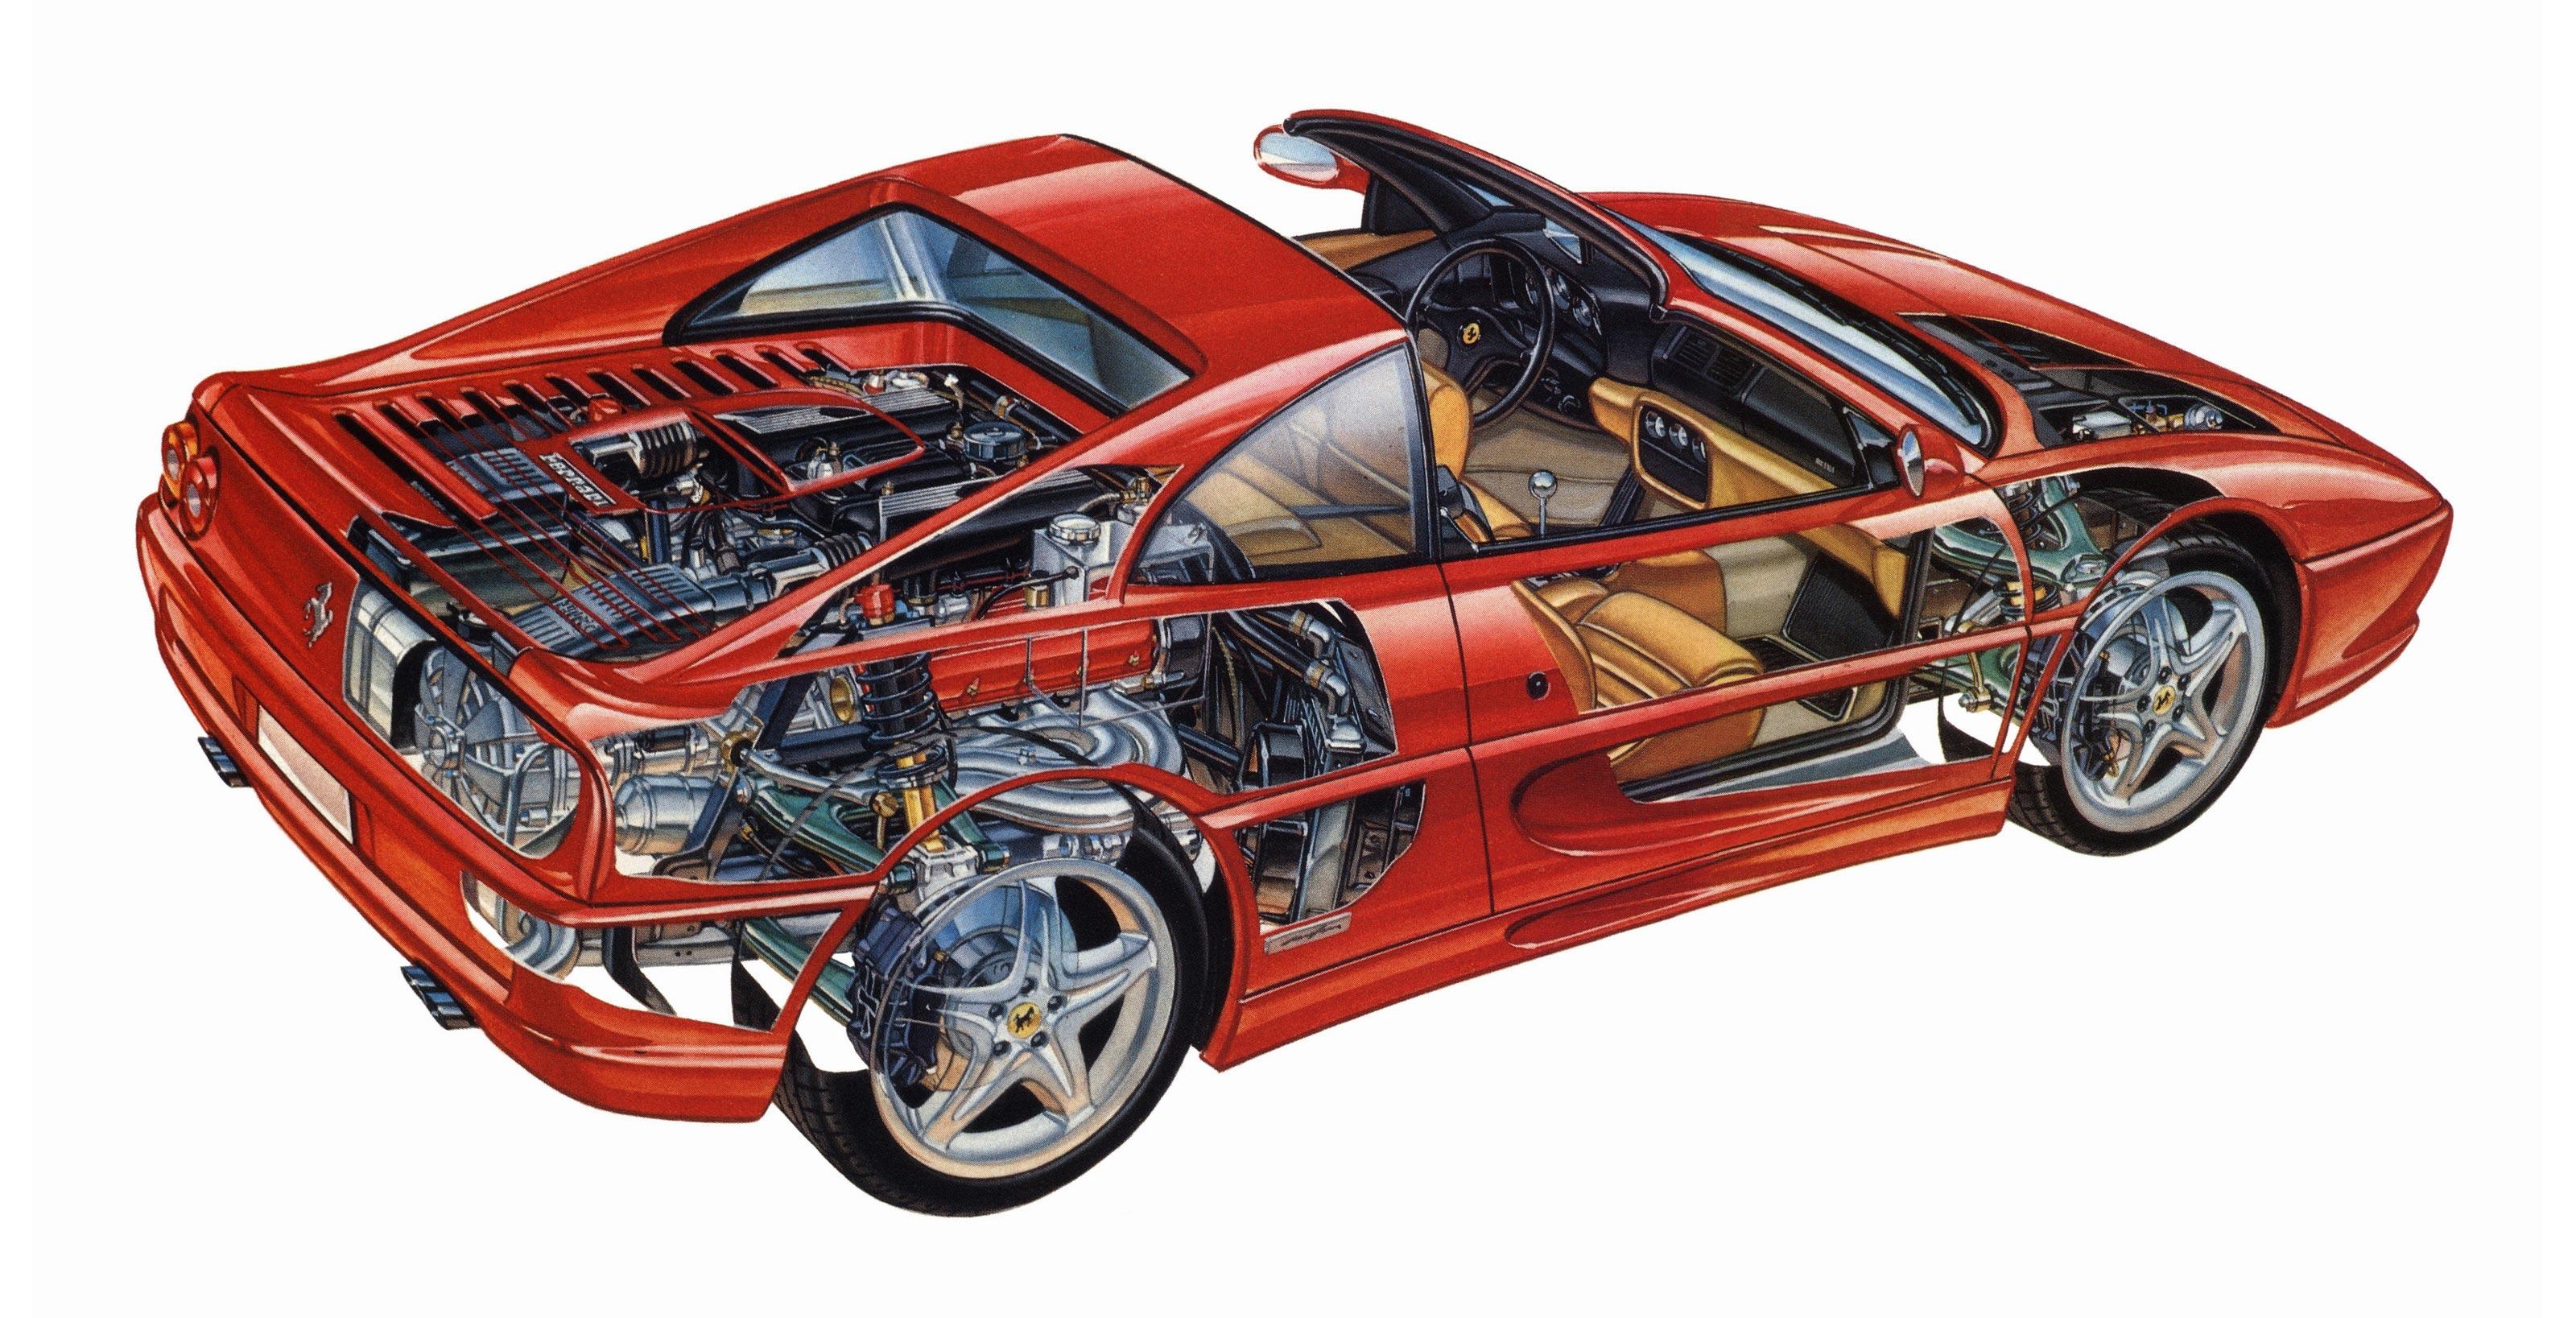 Ferrari F355 GTS cutaway drawing